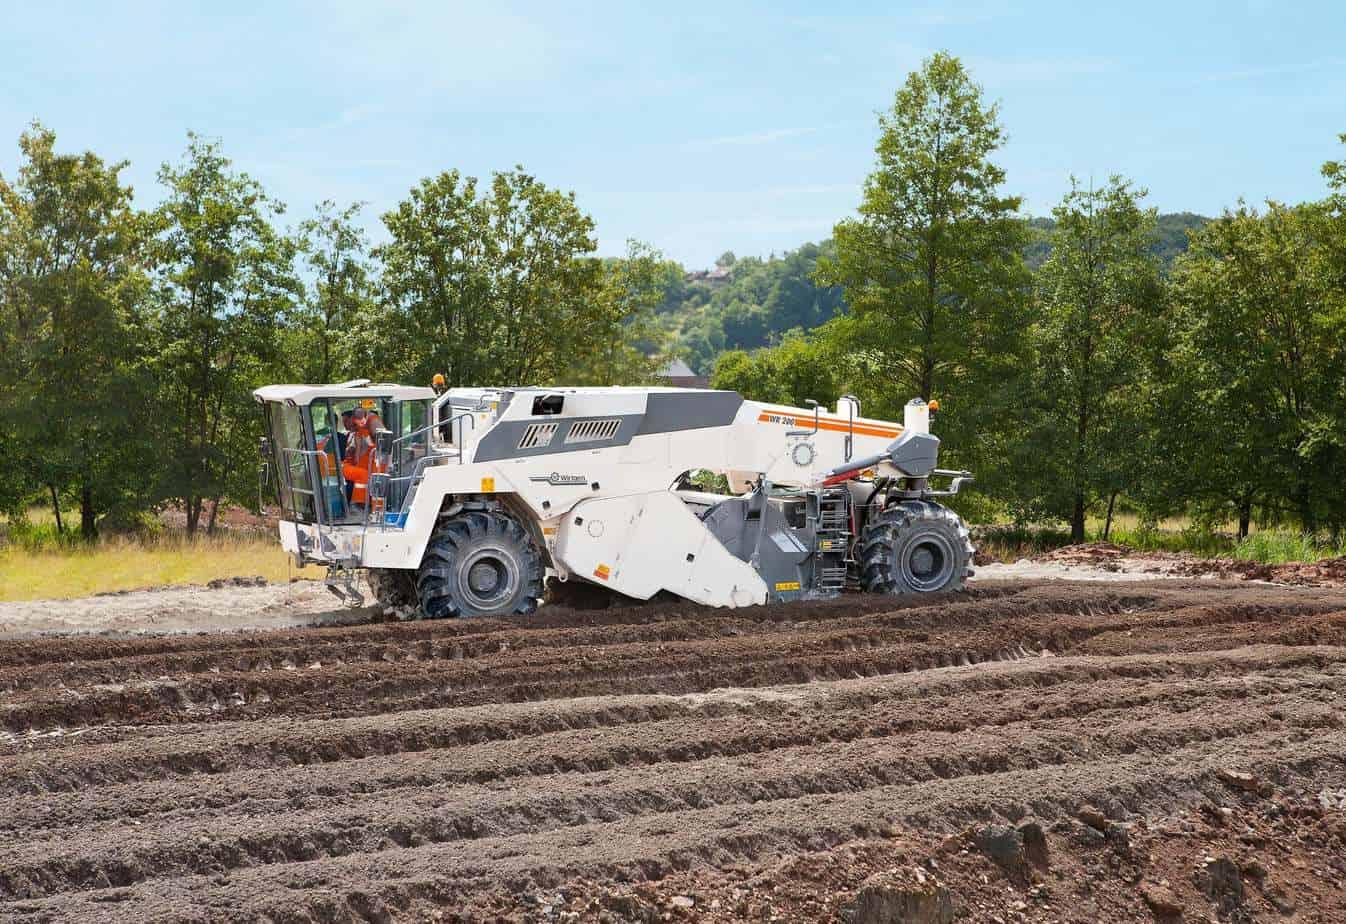 Grazie alla sua eccezionale manovrabilità, la WR200i dà il meglio di sé anche in piccoli cantieri. Questa macchina si presta perfettamente per lavori anche di un solo giorno, poiché non necessita di nessun permesso per trasporto eccezionale